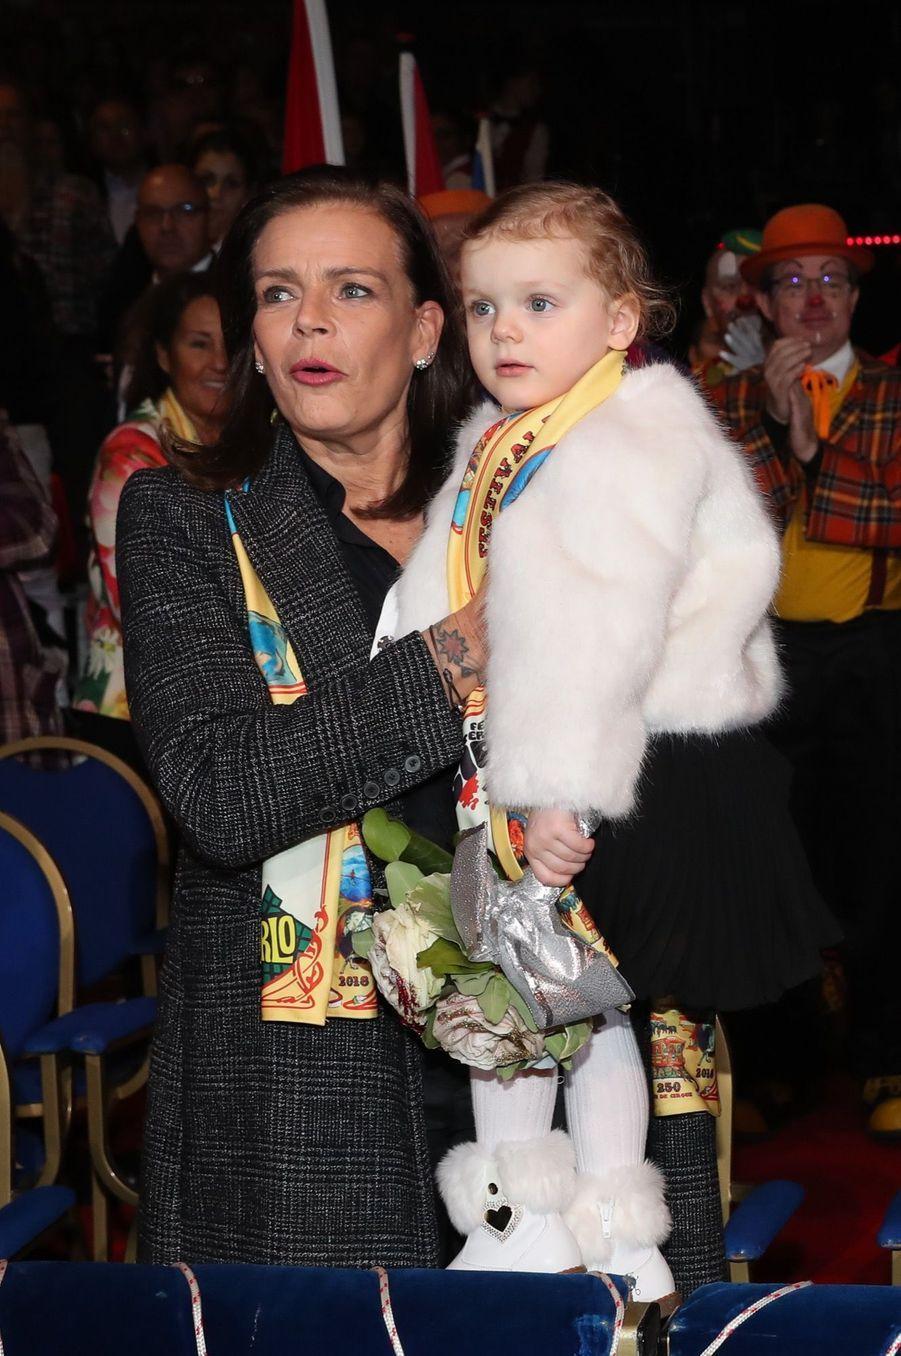 Gabriella Et Jacques De Monaco Au Festival Du Cirque De Monte Carlo 25